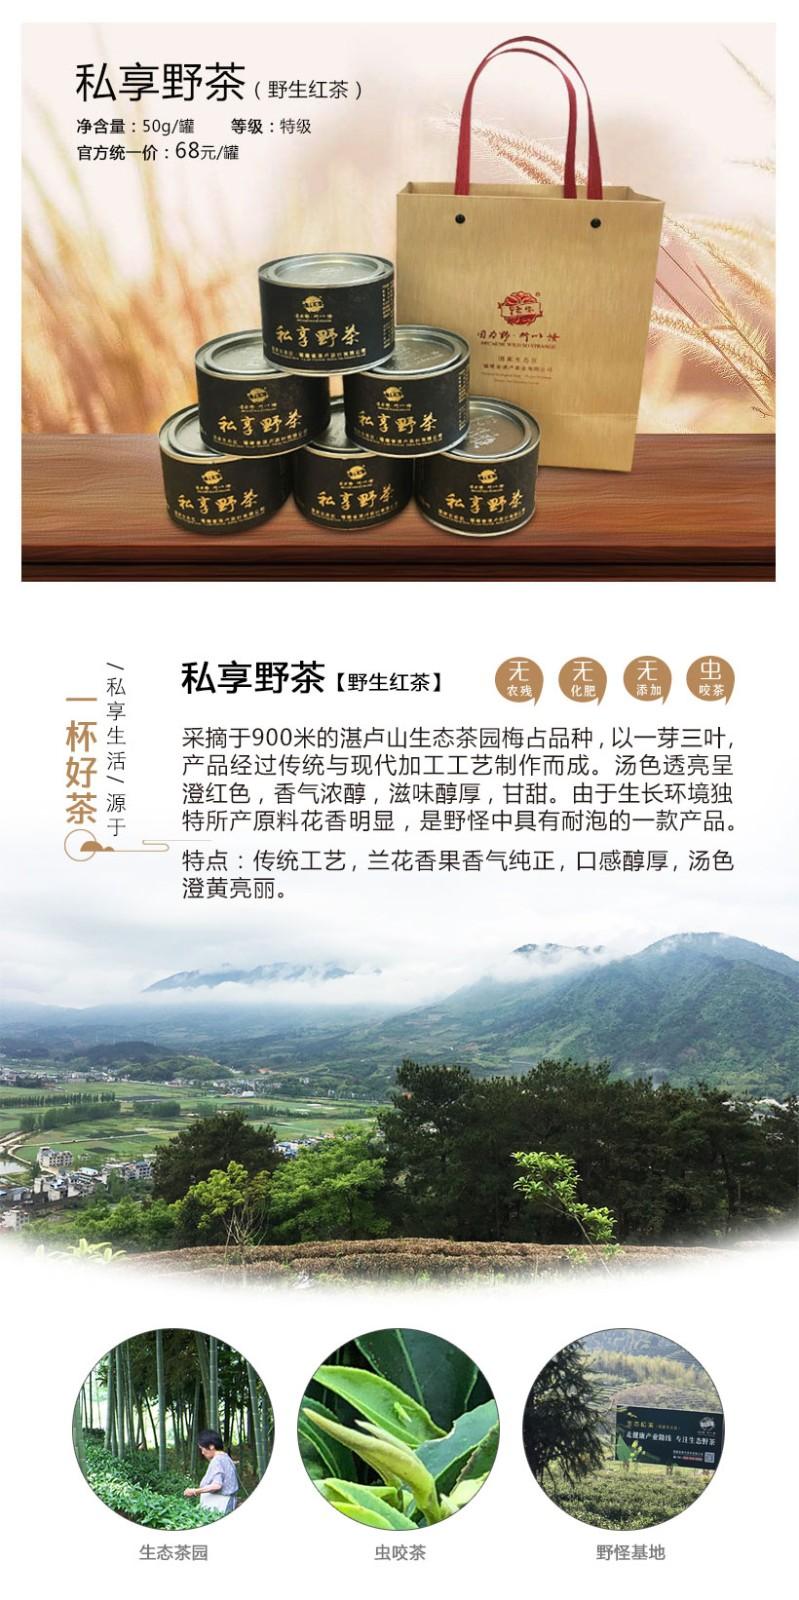 私享野茶-詳情頁_01.jpg